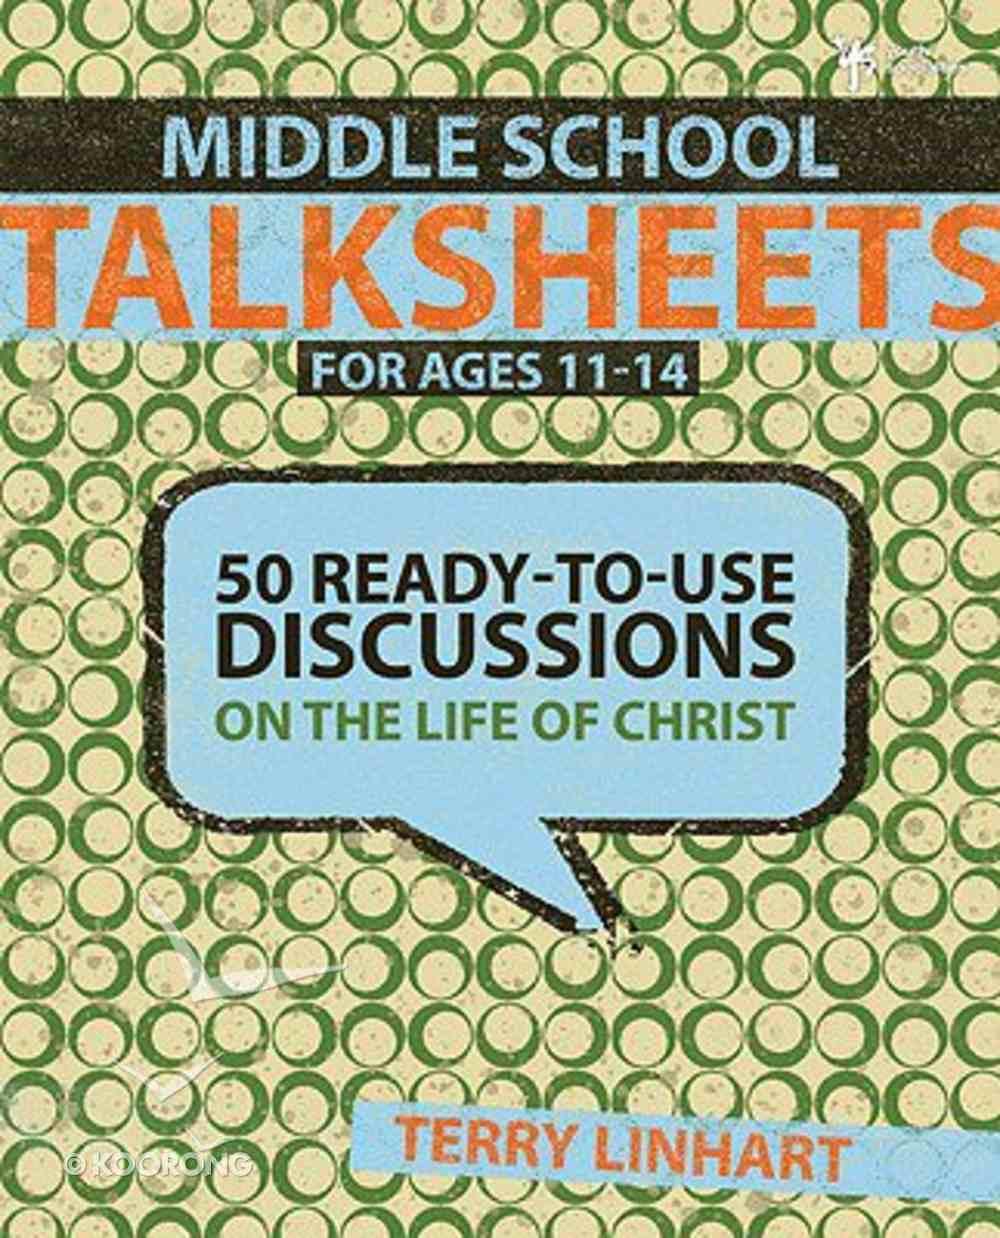 Middle School Talksheets Paperback